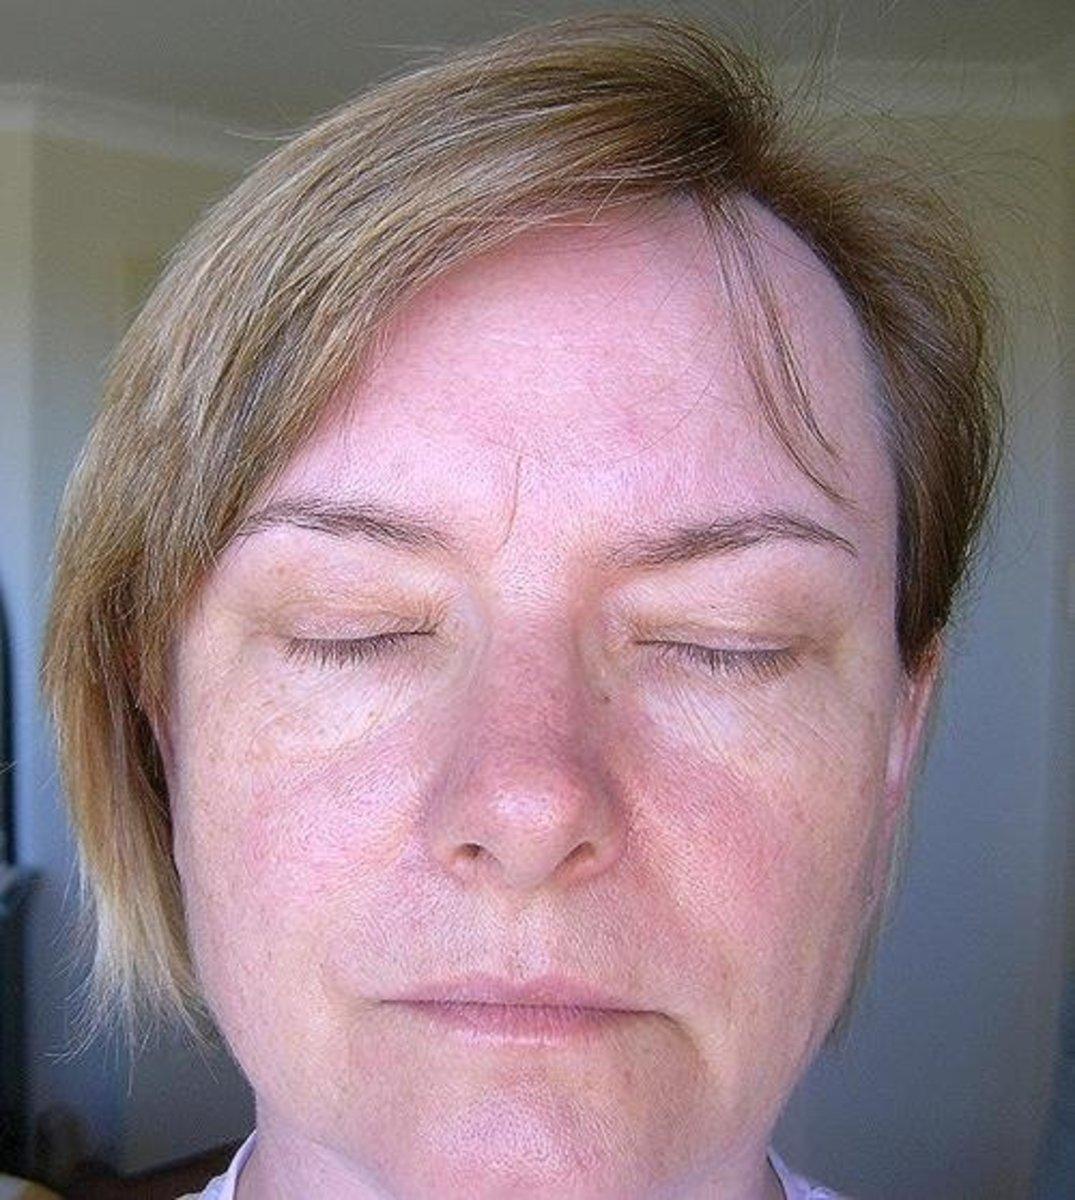 Skin condition before using Baiden Mitten